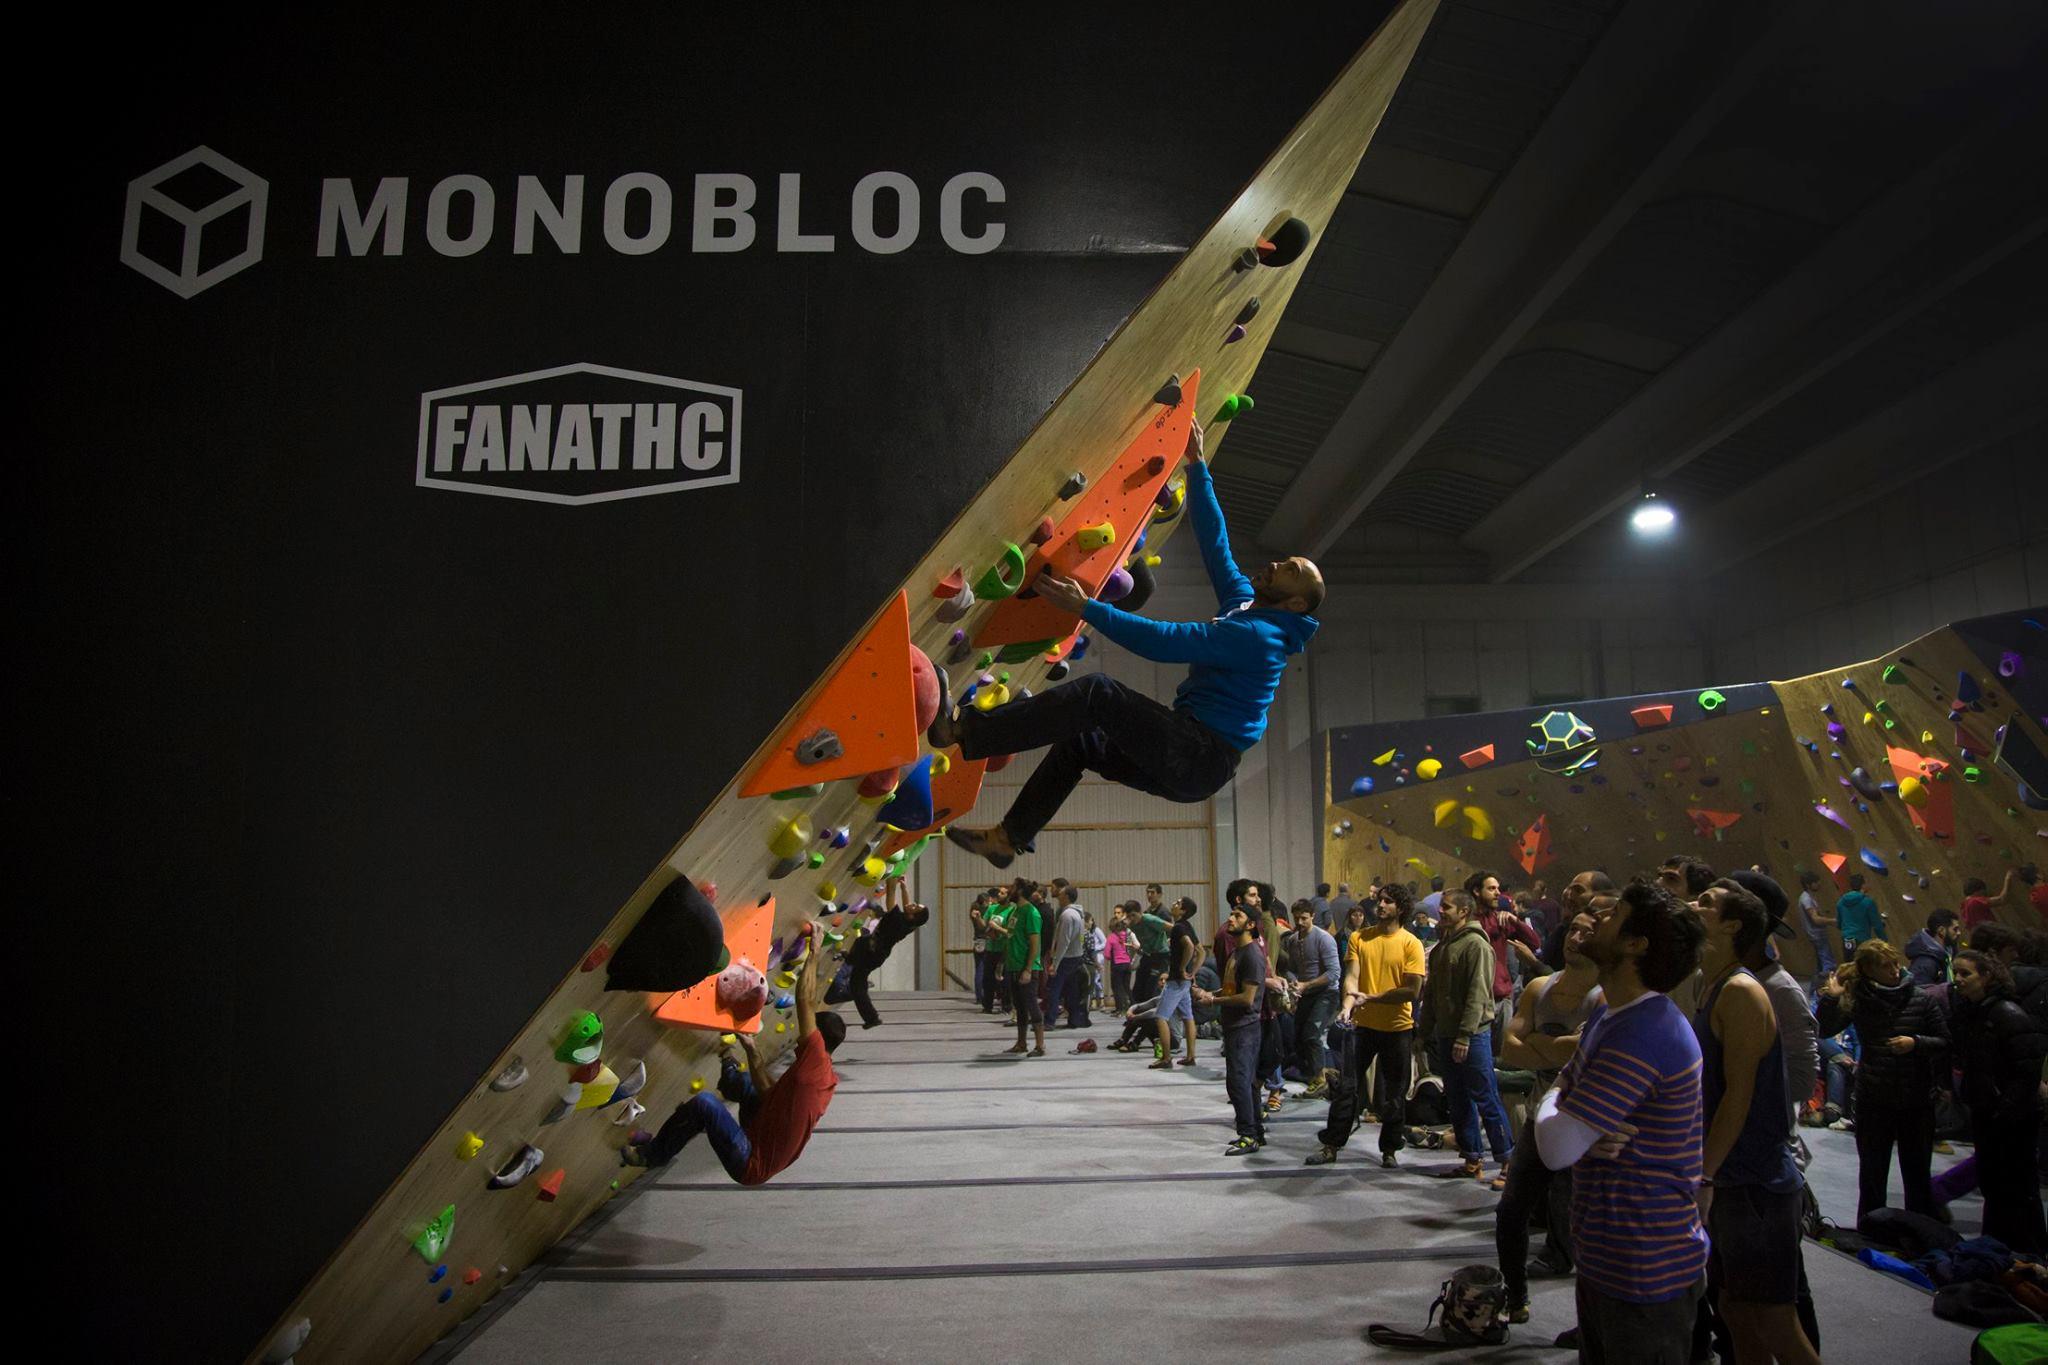 Monobloc open party 7 enero 2017